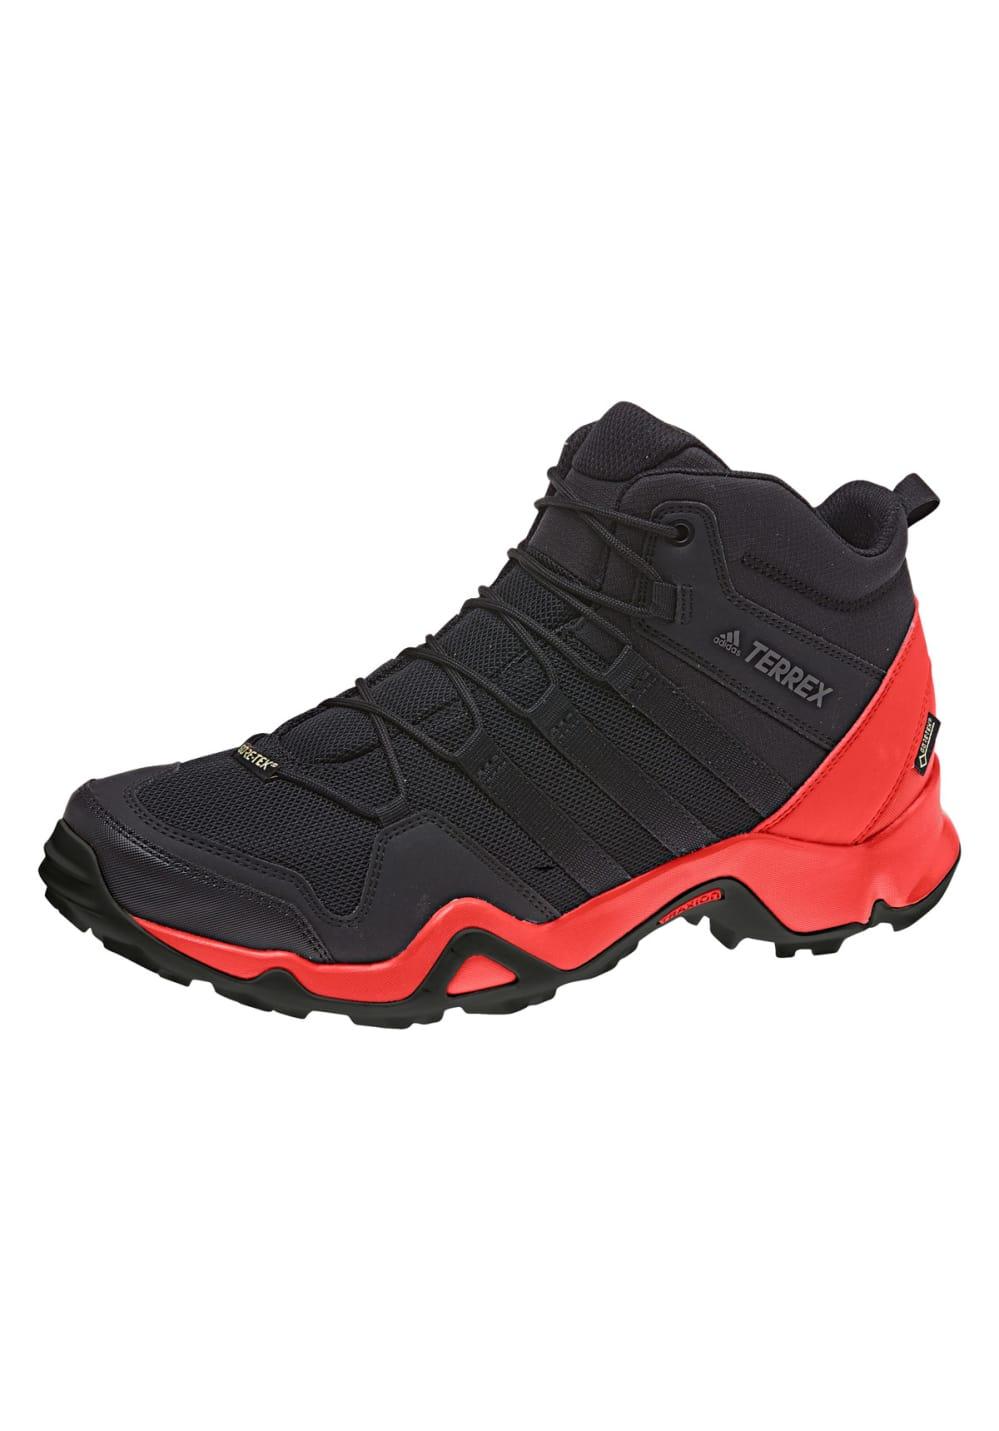 Ax2r Adidas Chaussures Terrex Pour Mid Multicolore Randonnée Homme Gtx 3JcFKTul1